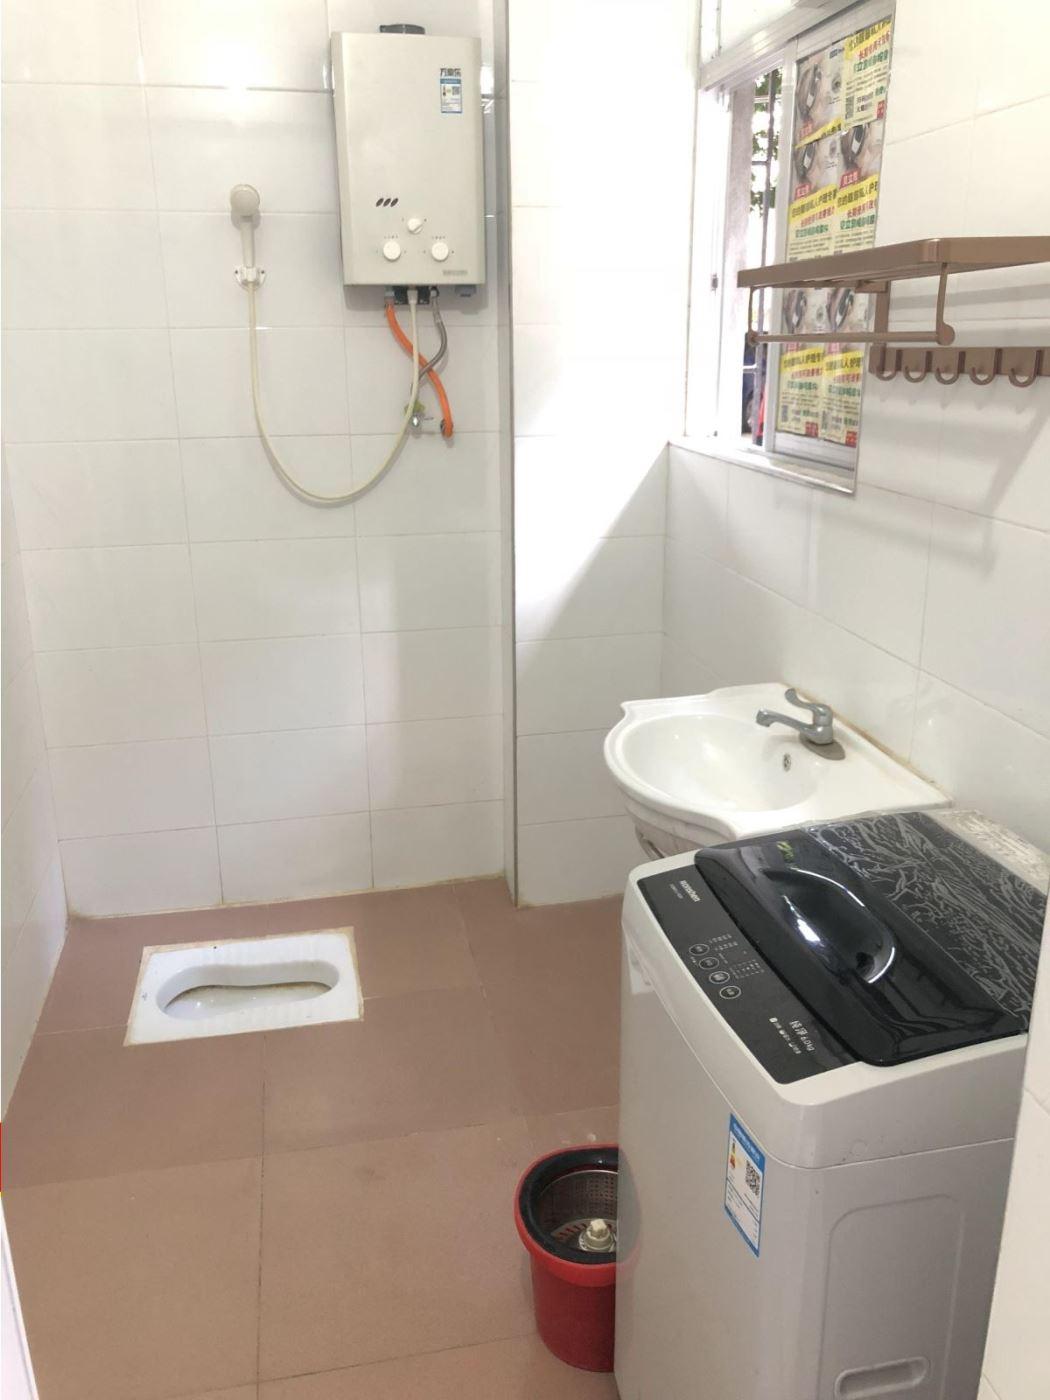 象山新村1楼一房一厅月租580元象山新村